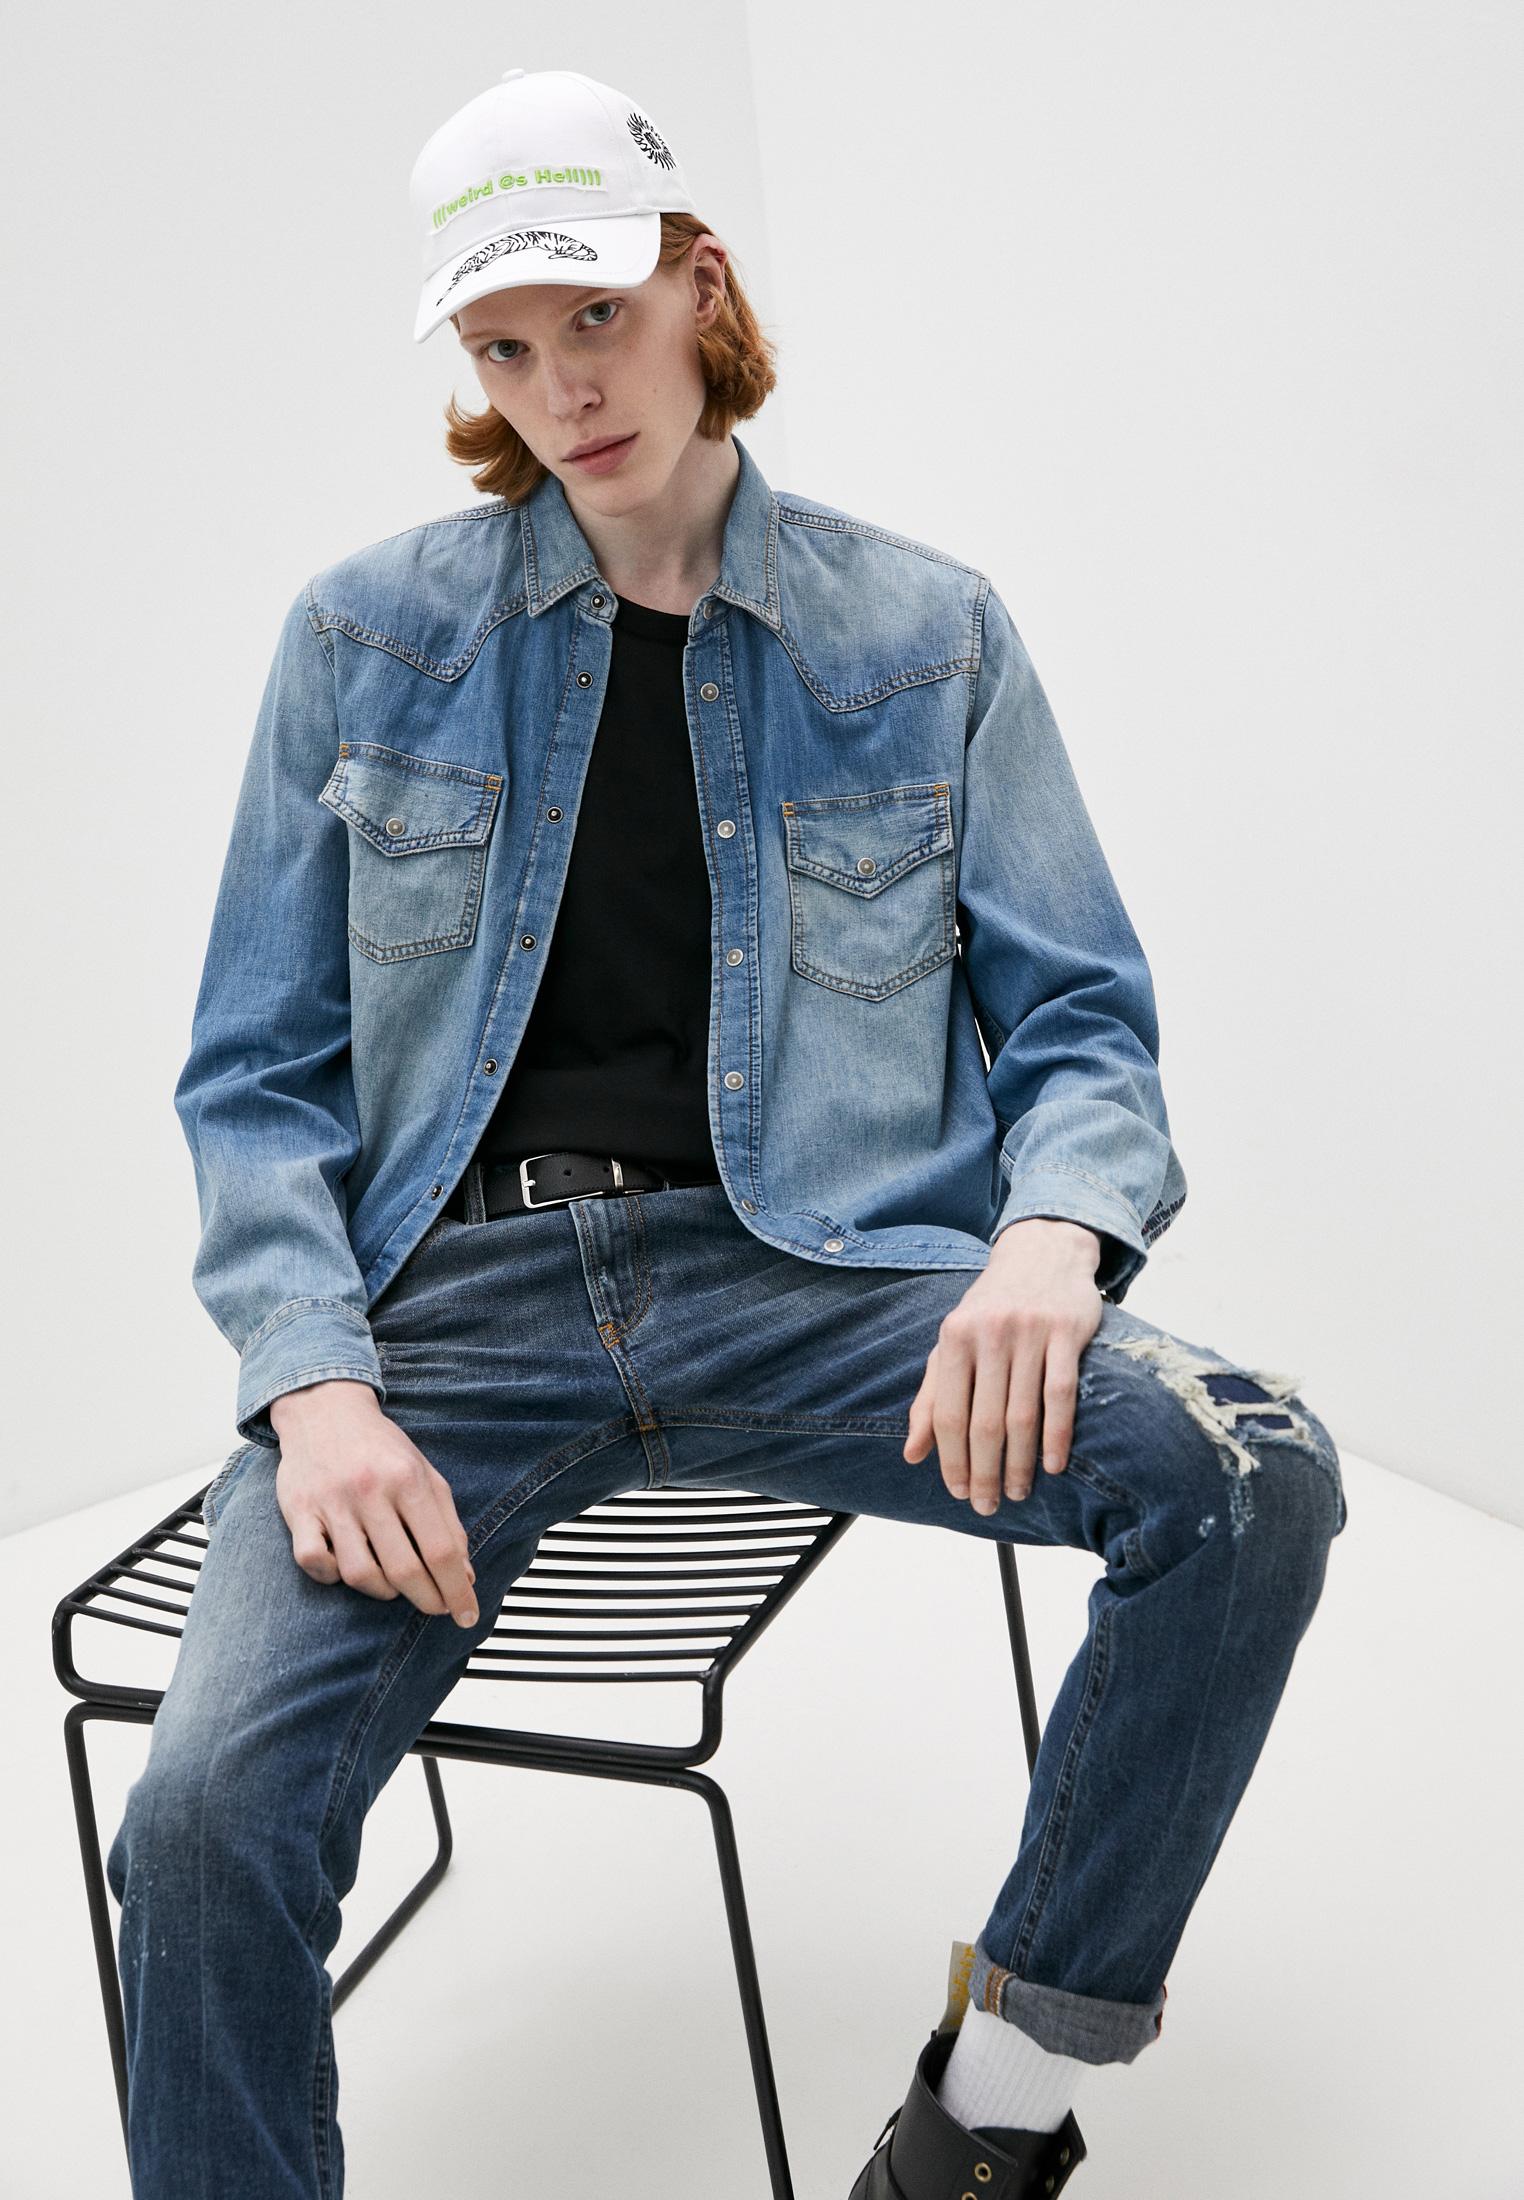 Рубашка Diesel (Дизель) Рубашка джинсовая Diesel